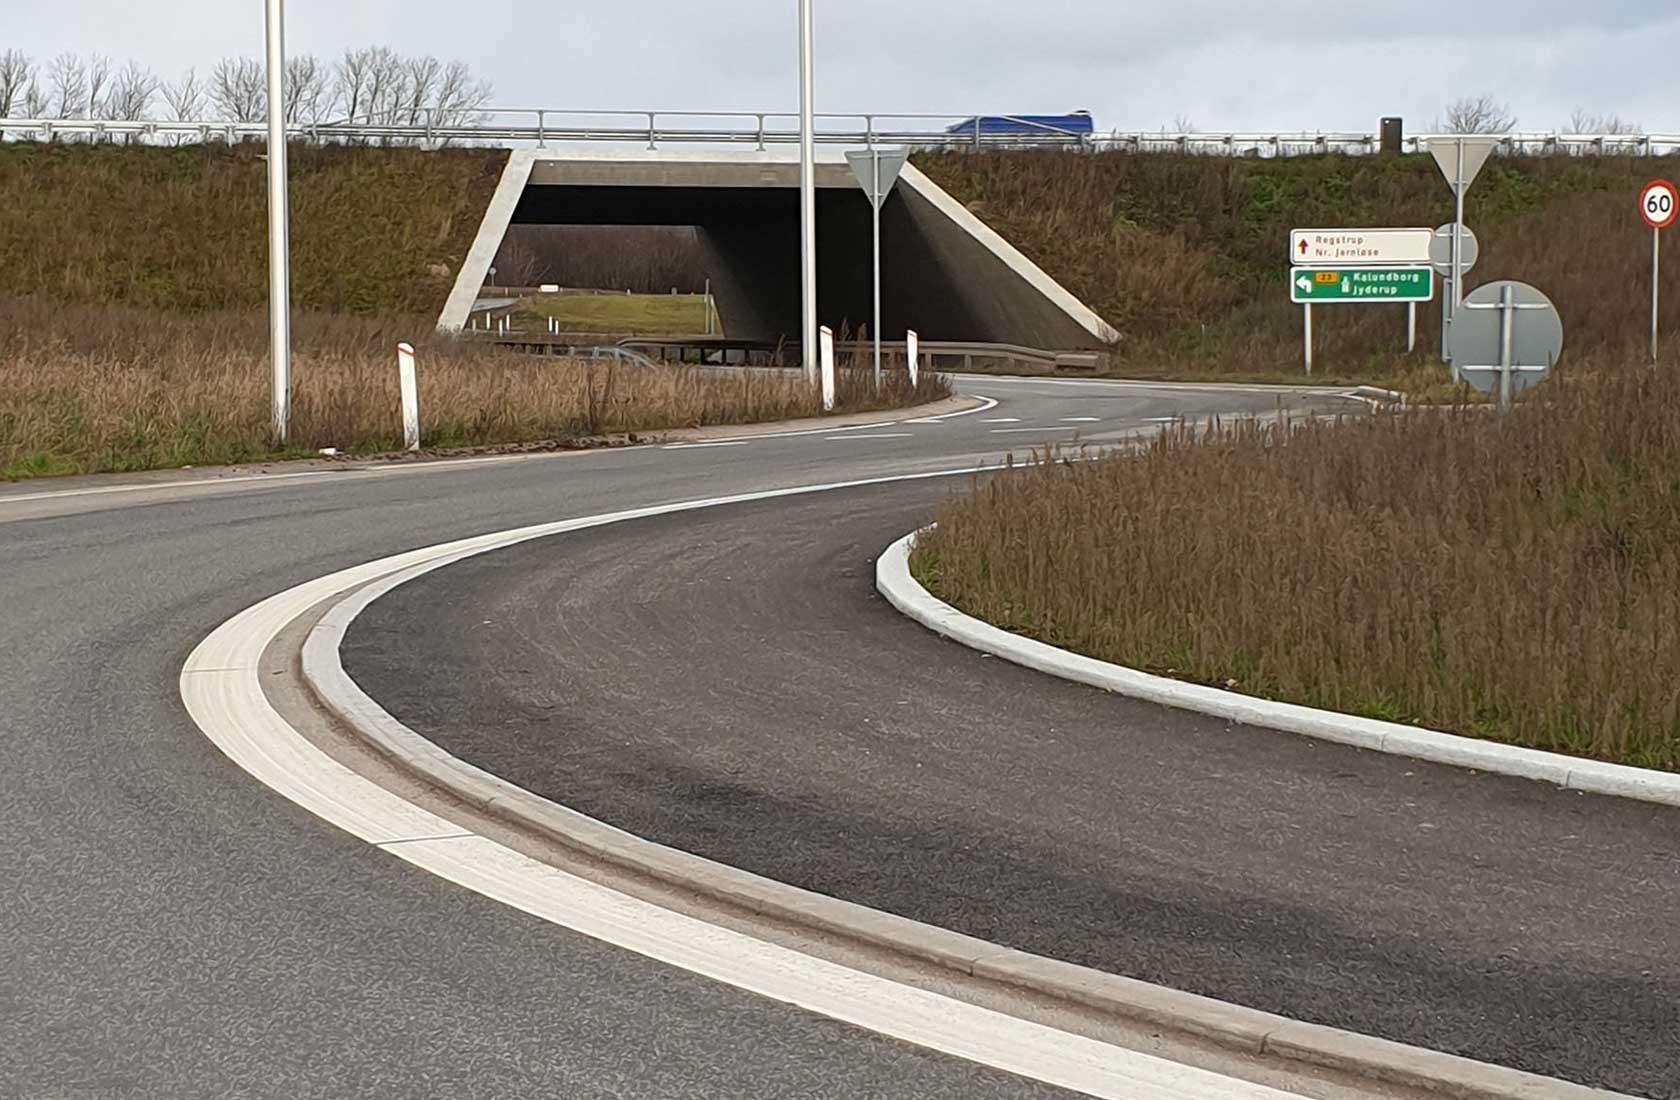 Kalundborgmotorvejen afkørsel